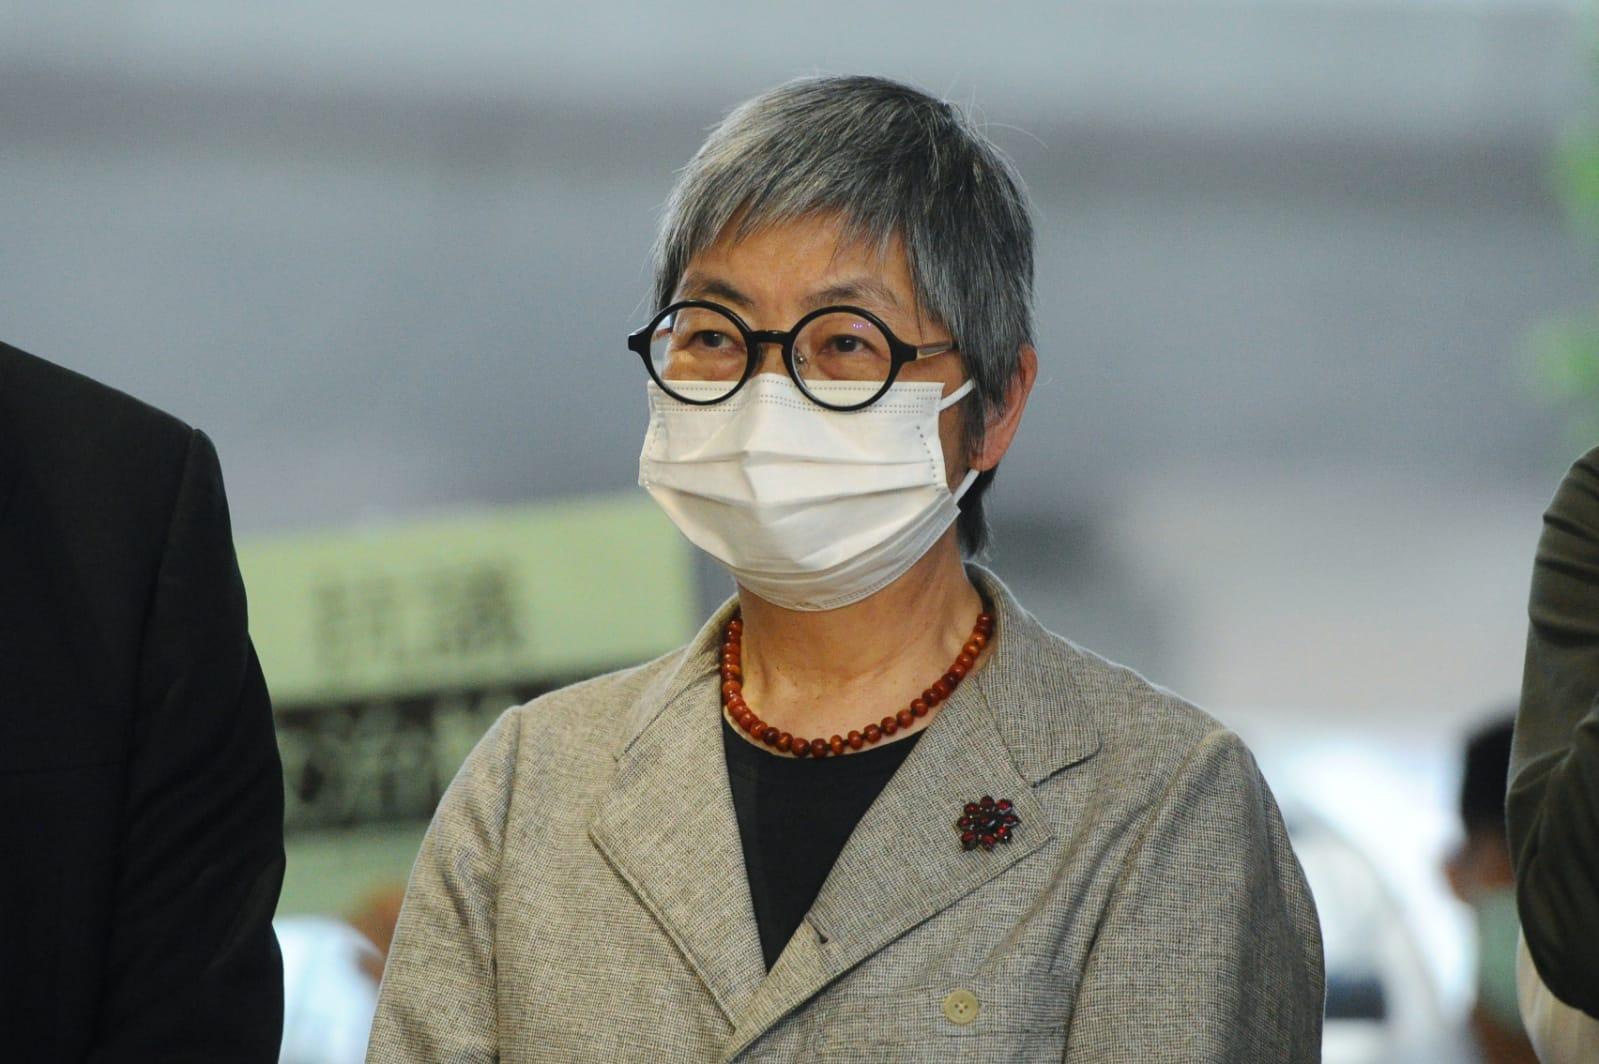 香港執業大律師吳靄儀在聆訊後會見媒體。(宋碧龍 / 大紀元)